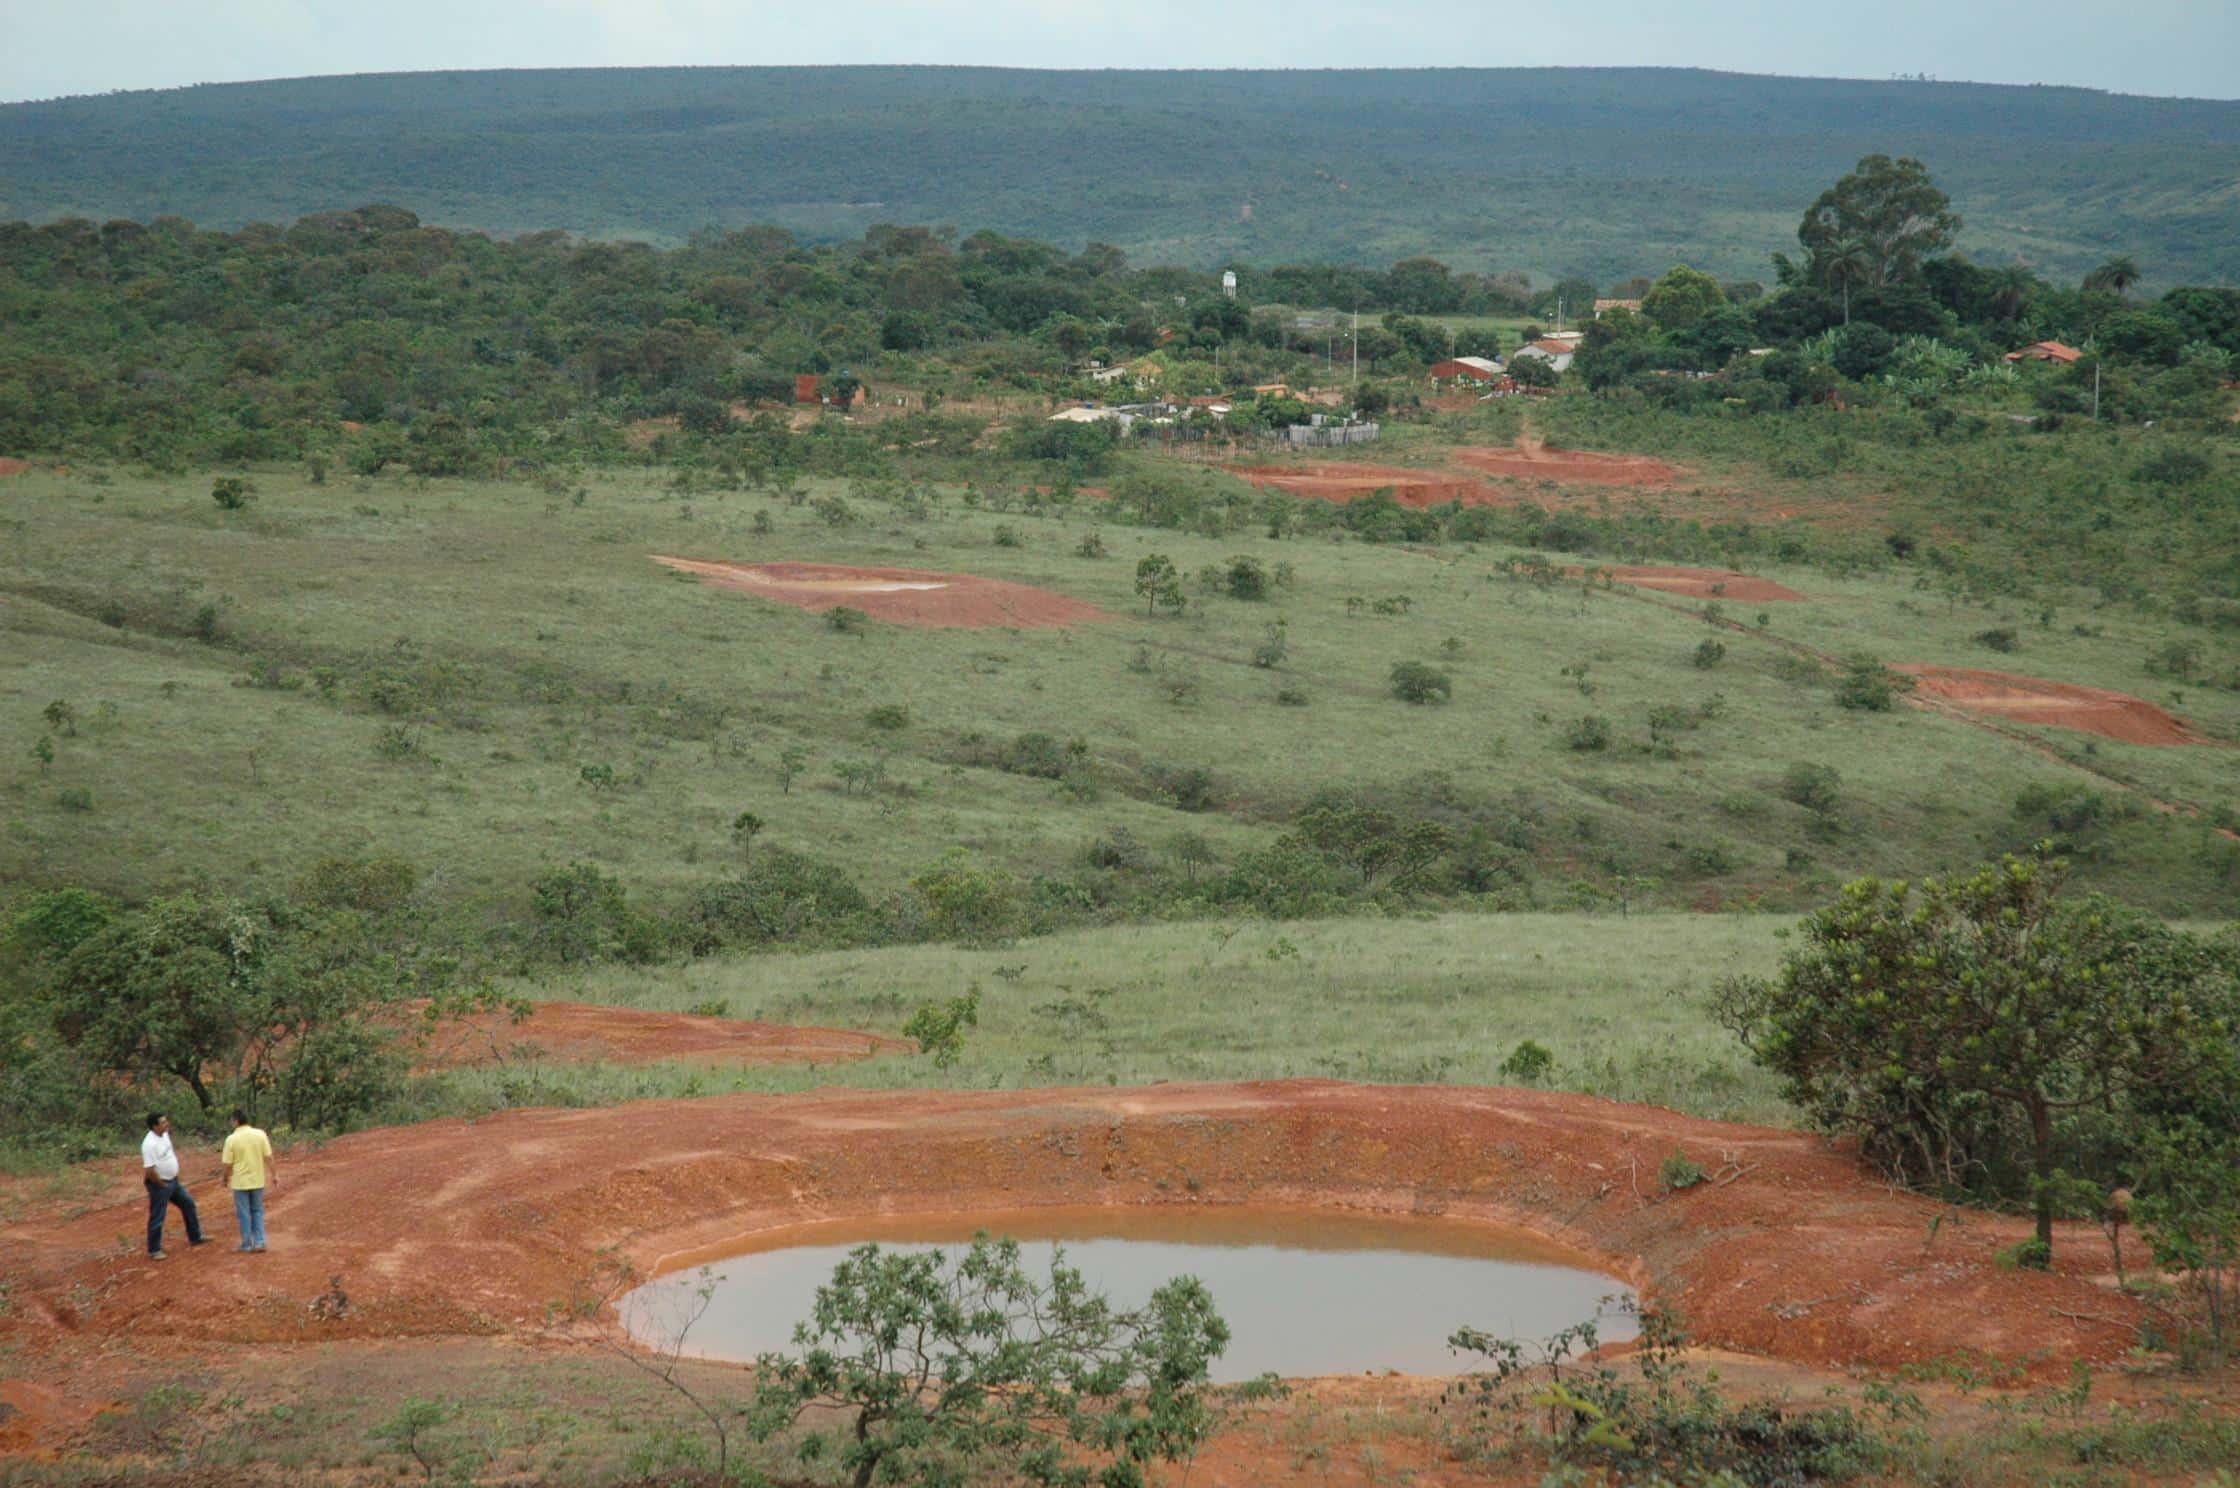 Montes Claros - Projetos de captação e distribuição de água na zona rural podem ser inscritos até quinta-feira